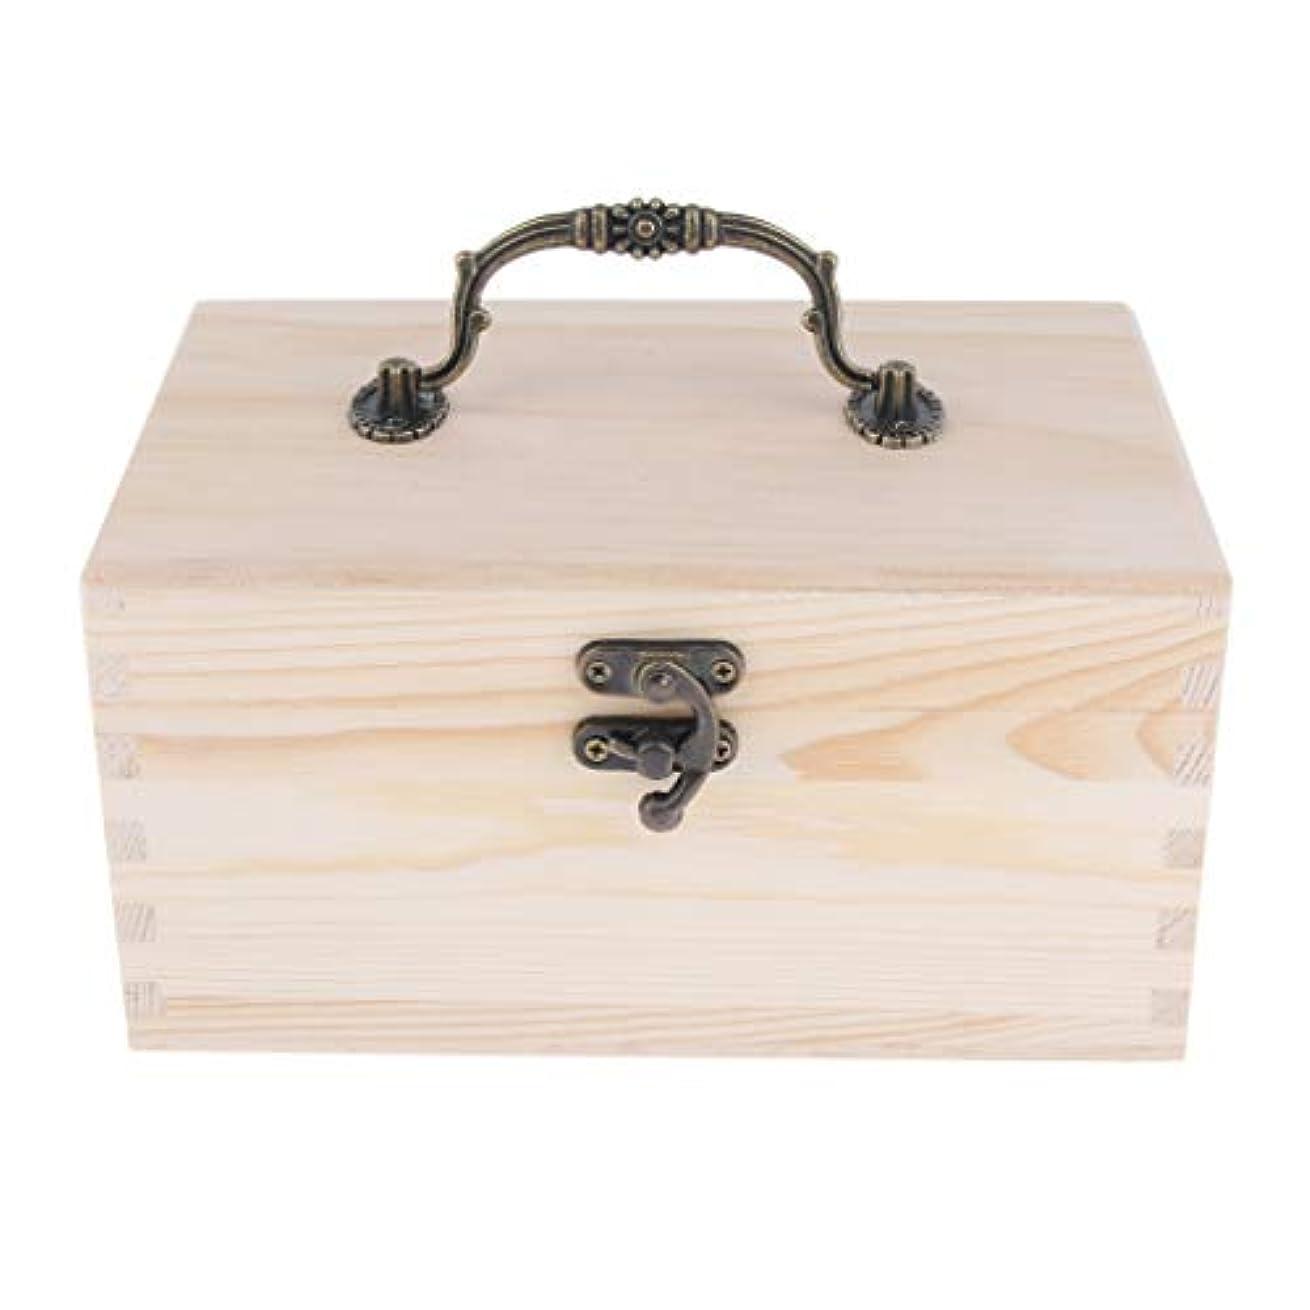 感性ポンプ放置家庭 サロン オイルケース アロマケース 精油瓶 収納ボックス 天然木 15本用 20ミリボトル